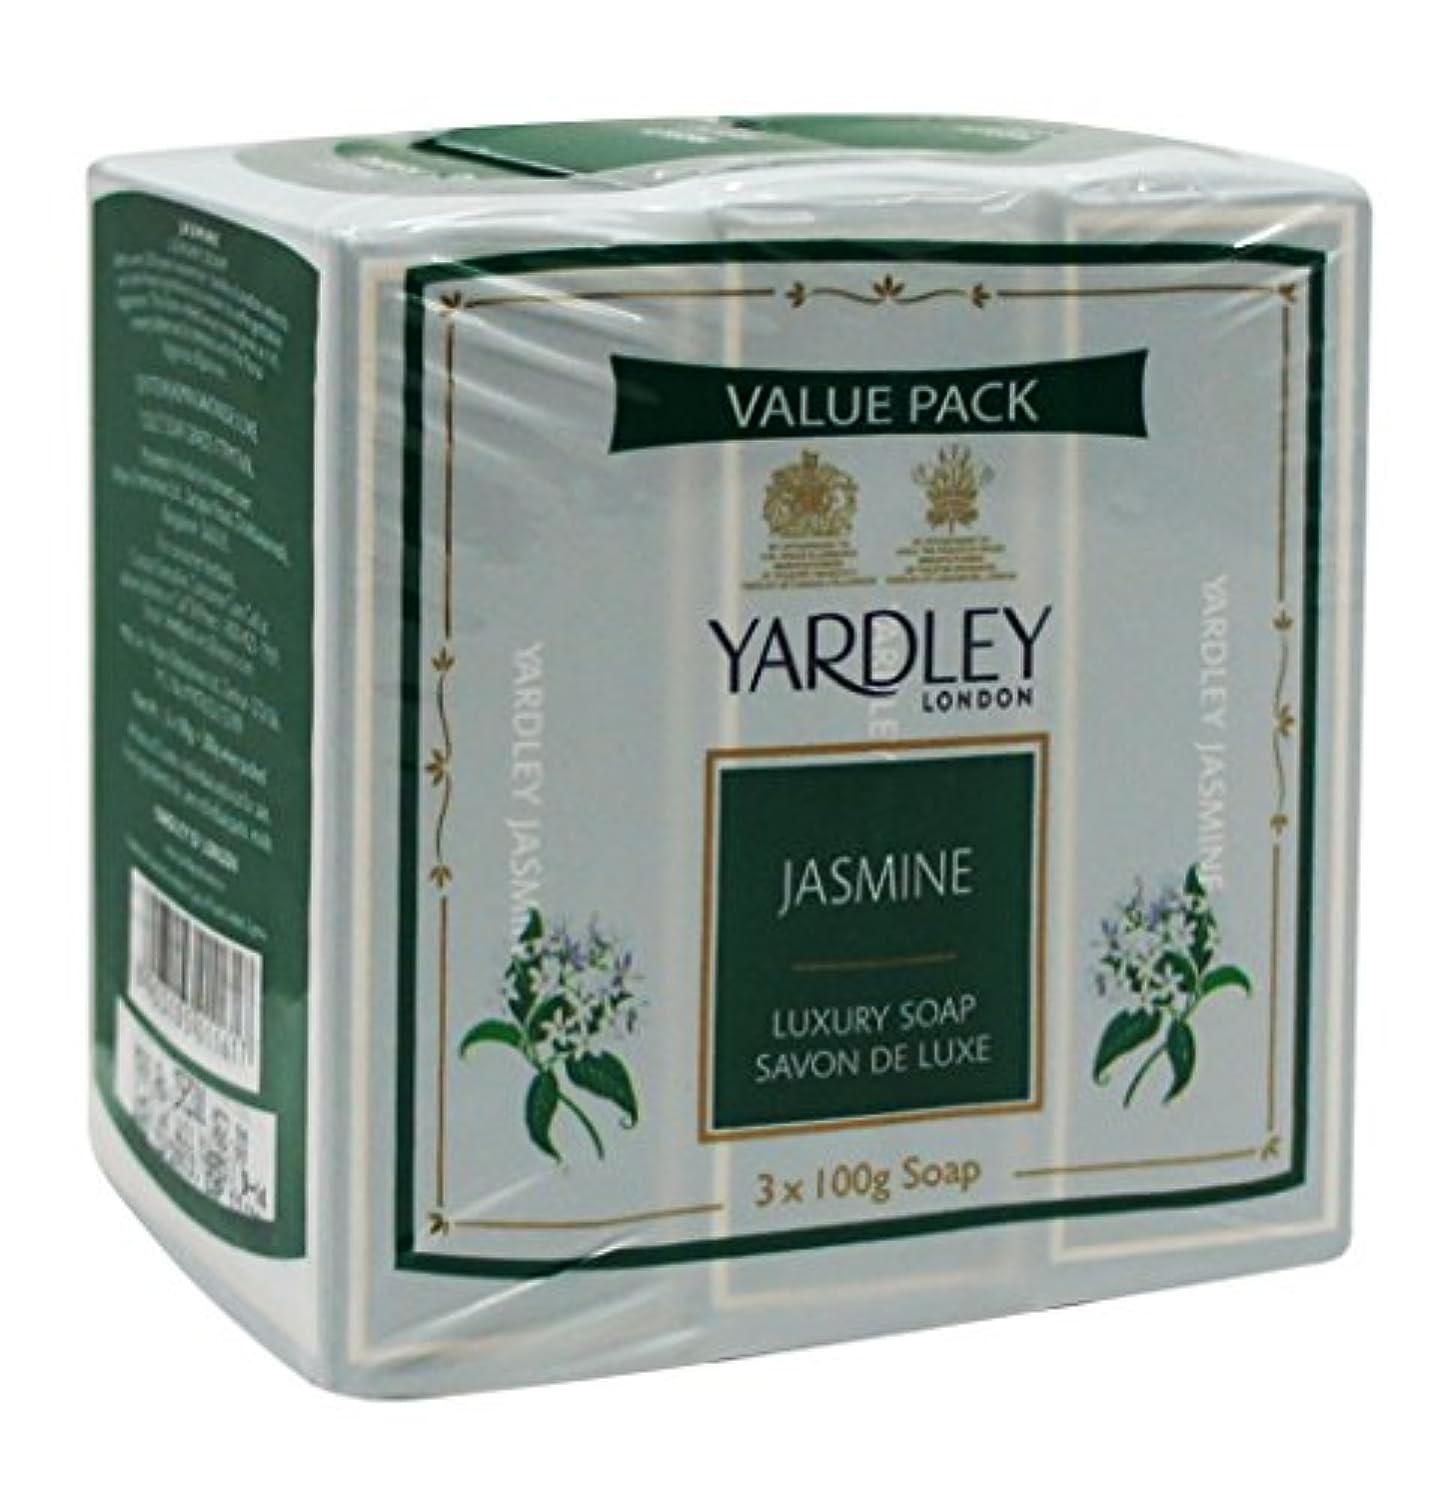 耐えられる近所のジェムYardley London Value Pack Luxury Soap 3x100g Jasmine by Yardley